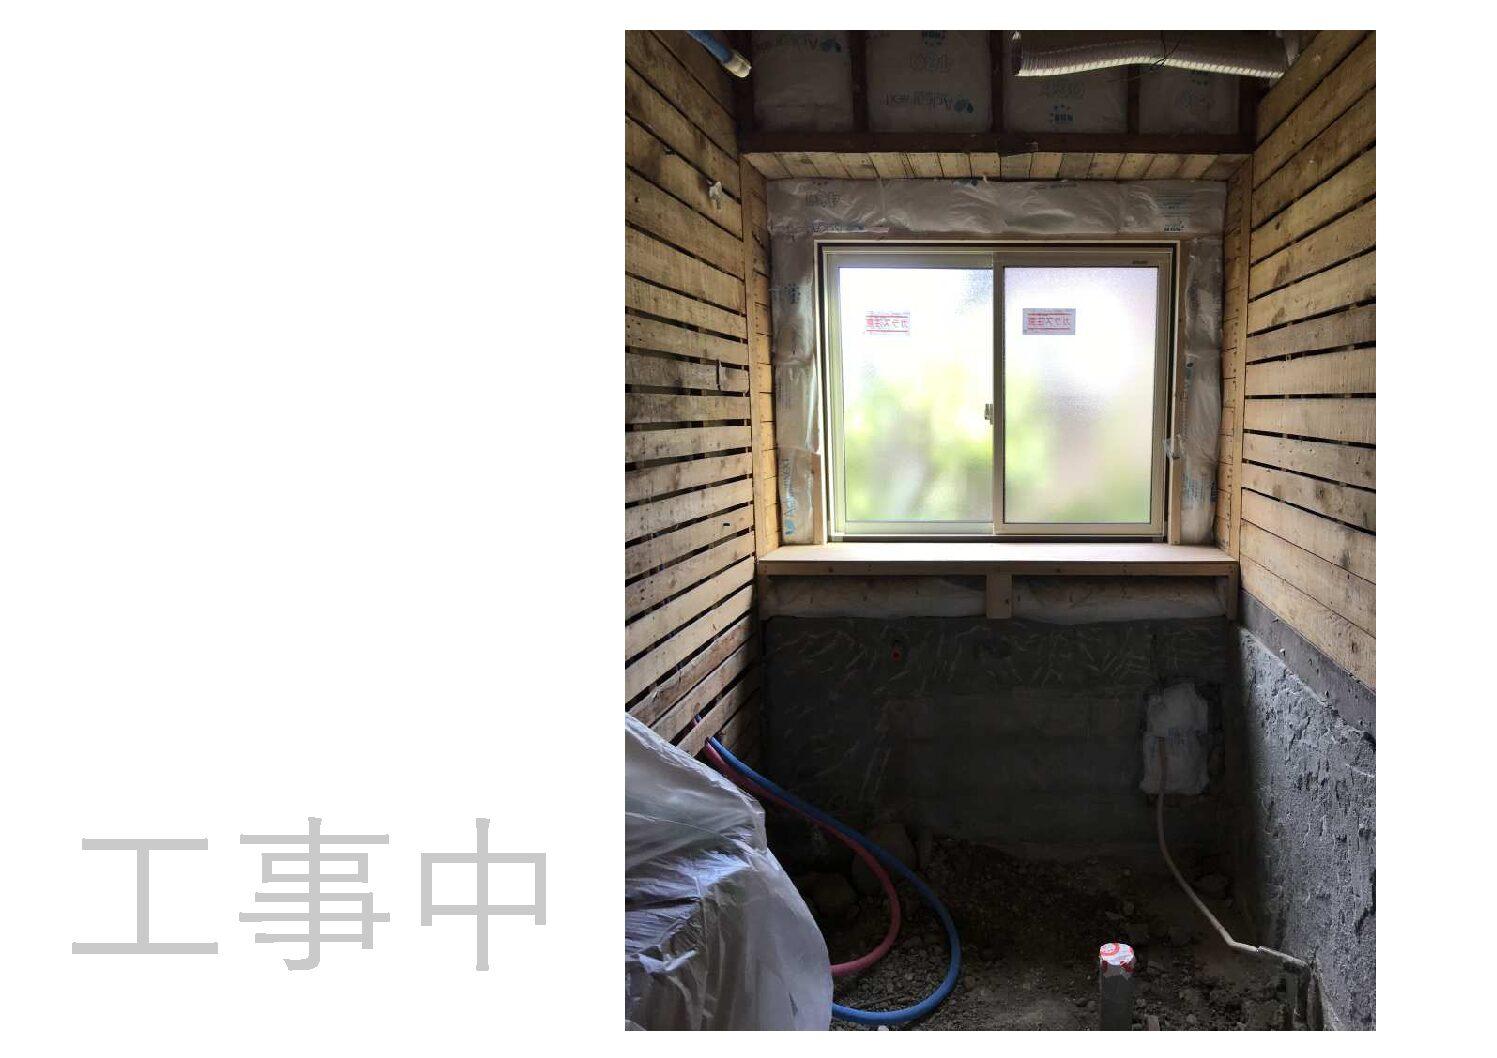 ~工事中~ 新しい窓の設置や断熱材充填、給排水、換気ダクト・電気配線工事をします